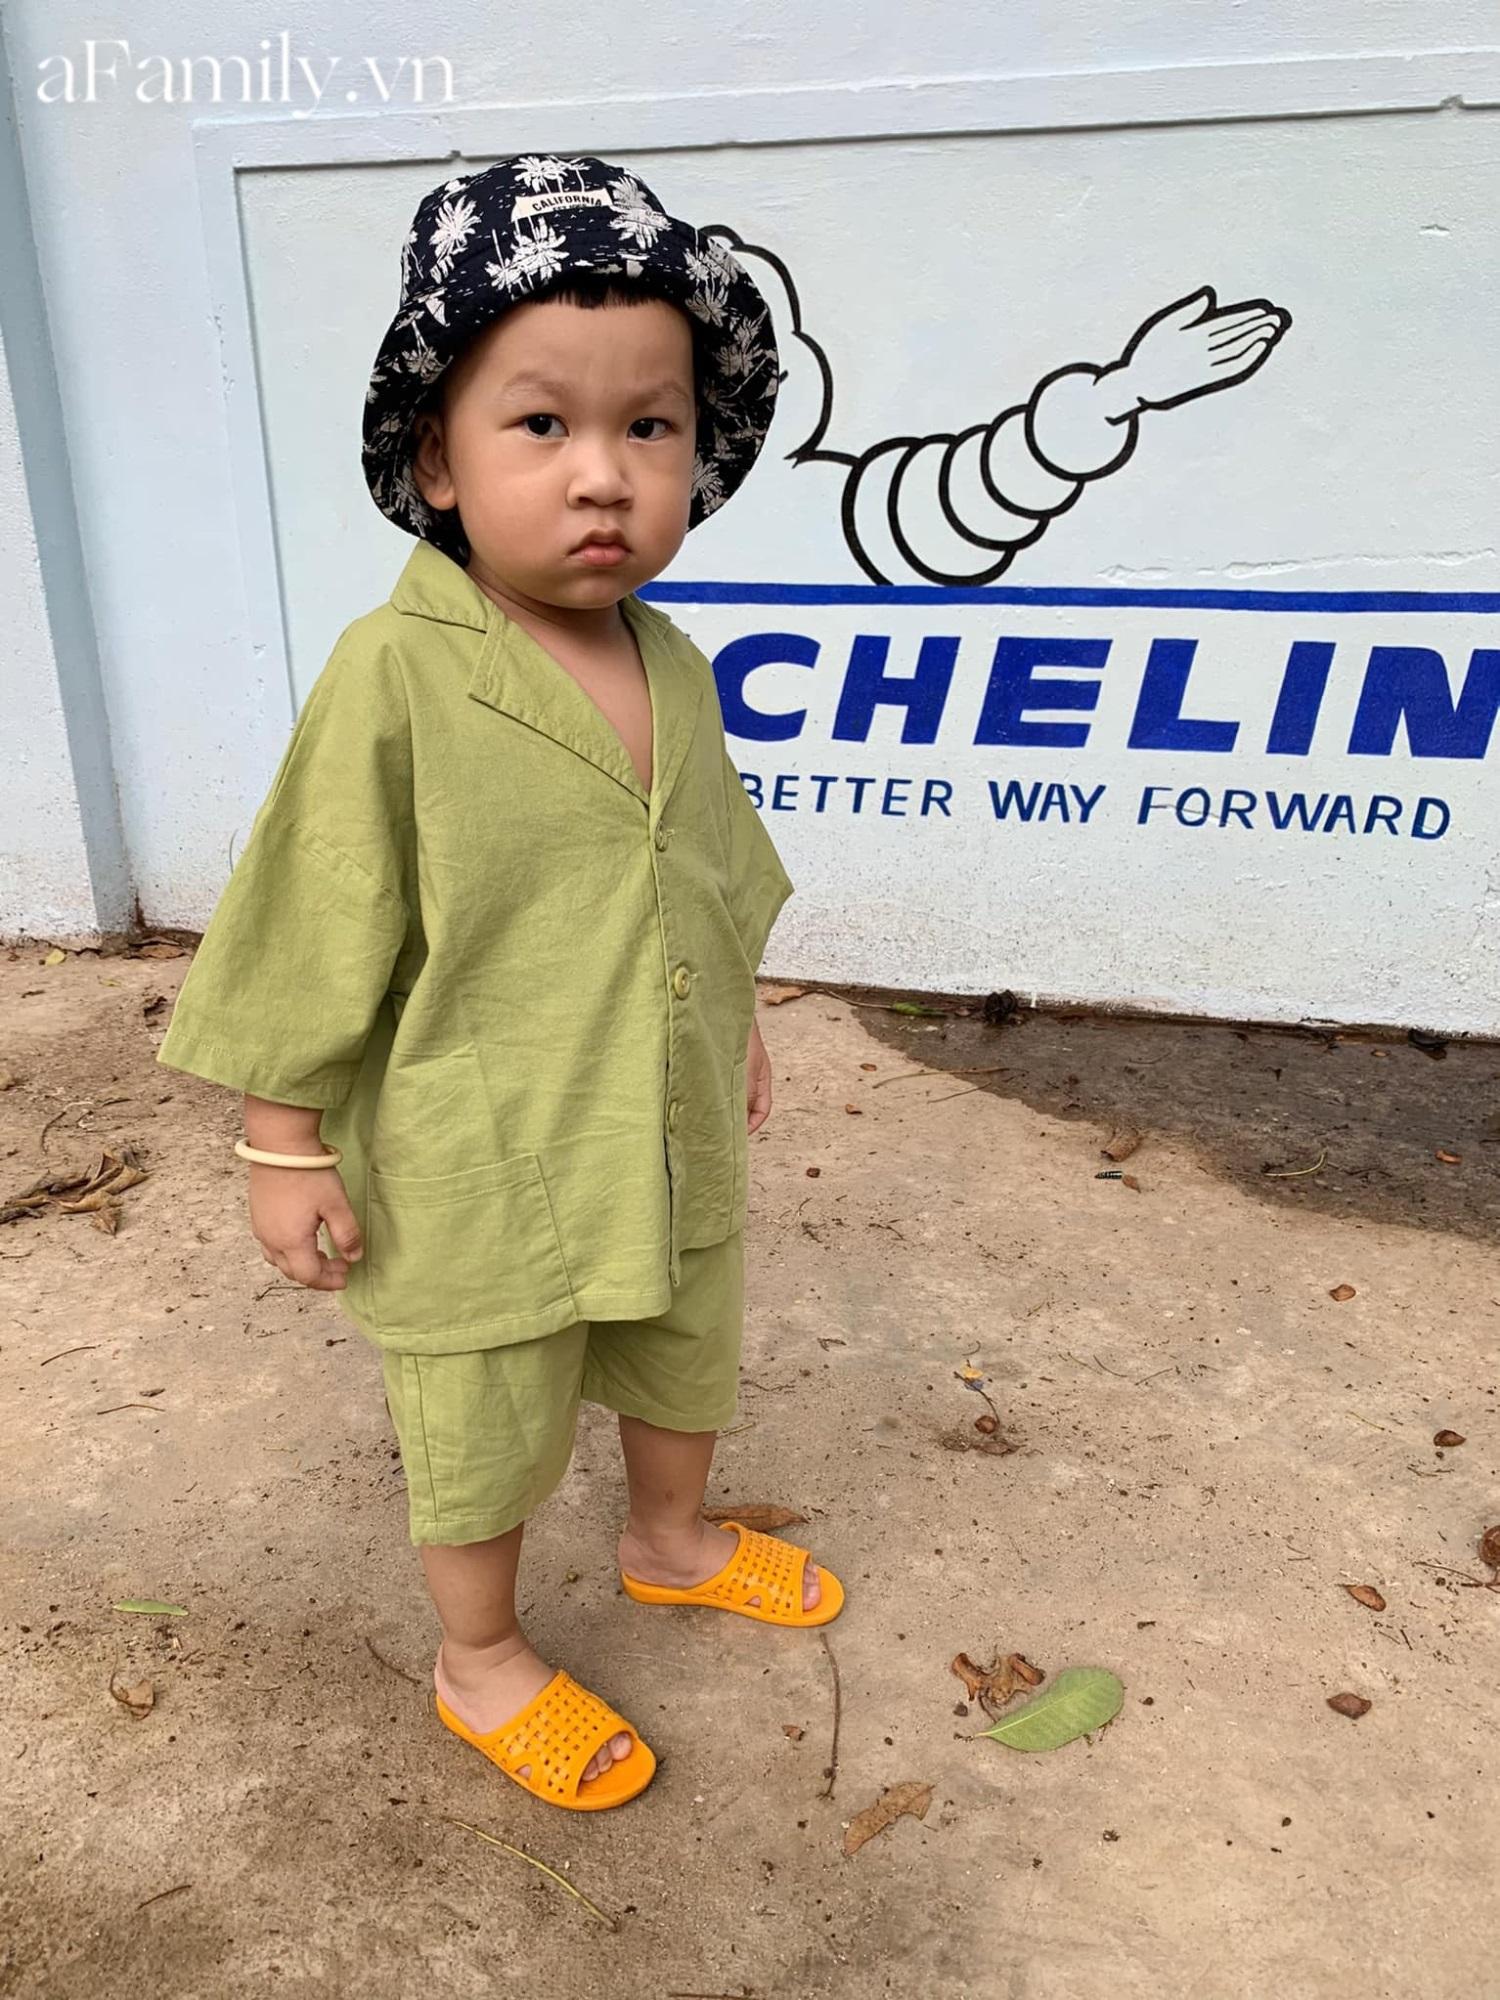 Mua cho cháu bộ quần áo mới, dì cứ ngỡ mặc vào sẽ đẹp trai như Hàn Quốc, ai ngờ bé 'lên đồ' thì cả nhà cười nguyên buổi tối - Ảnh 2